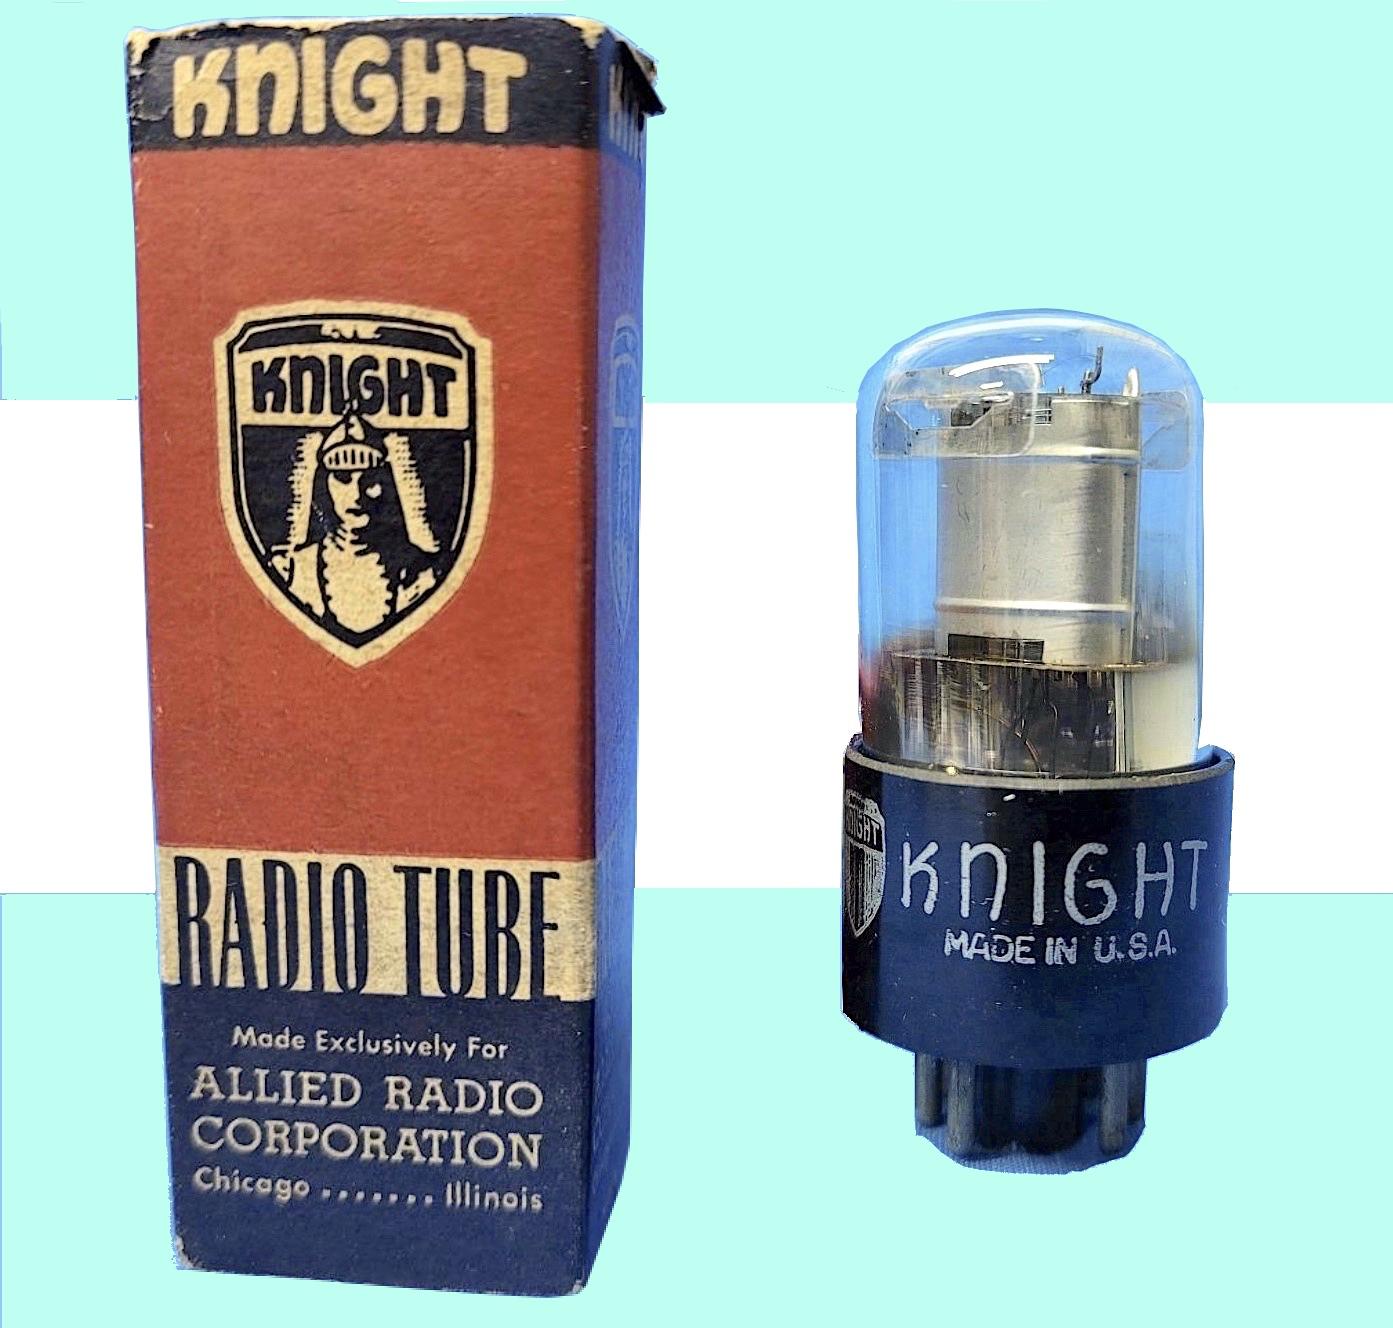 Knight Radio Tube